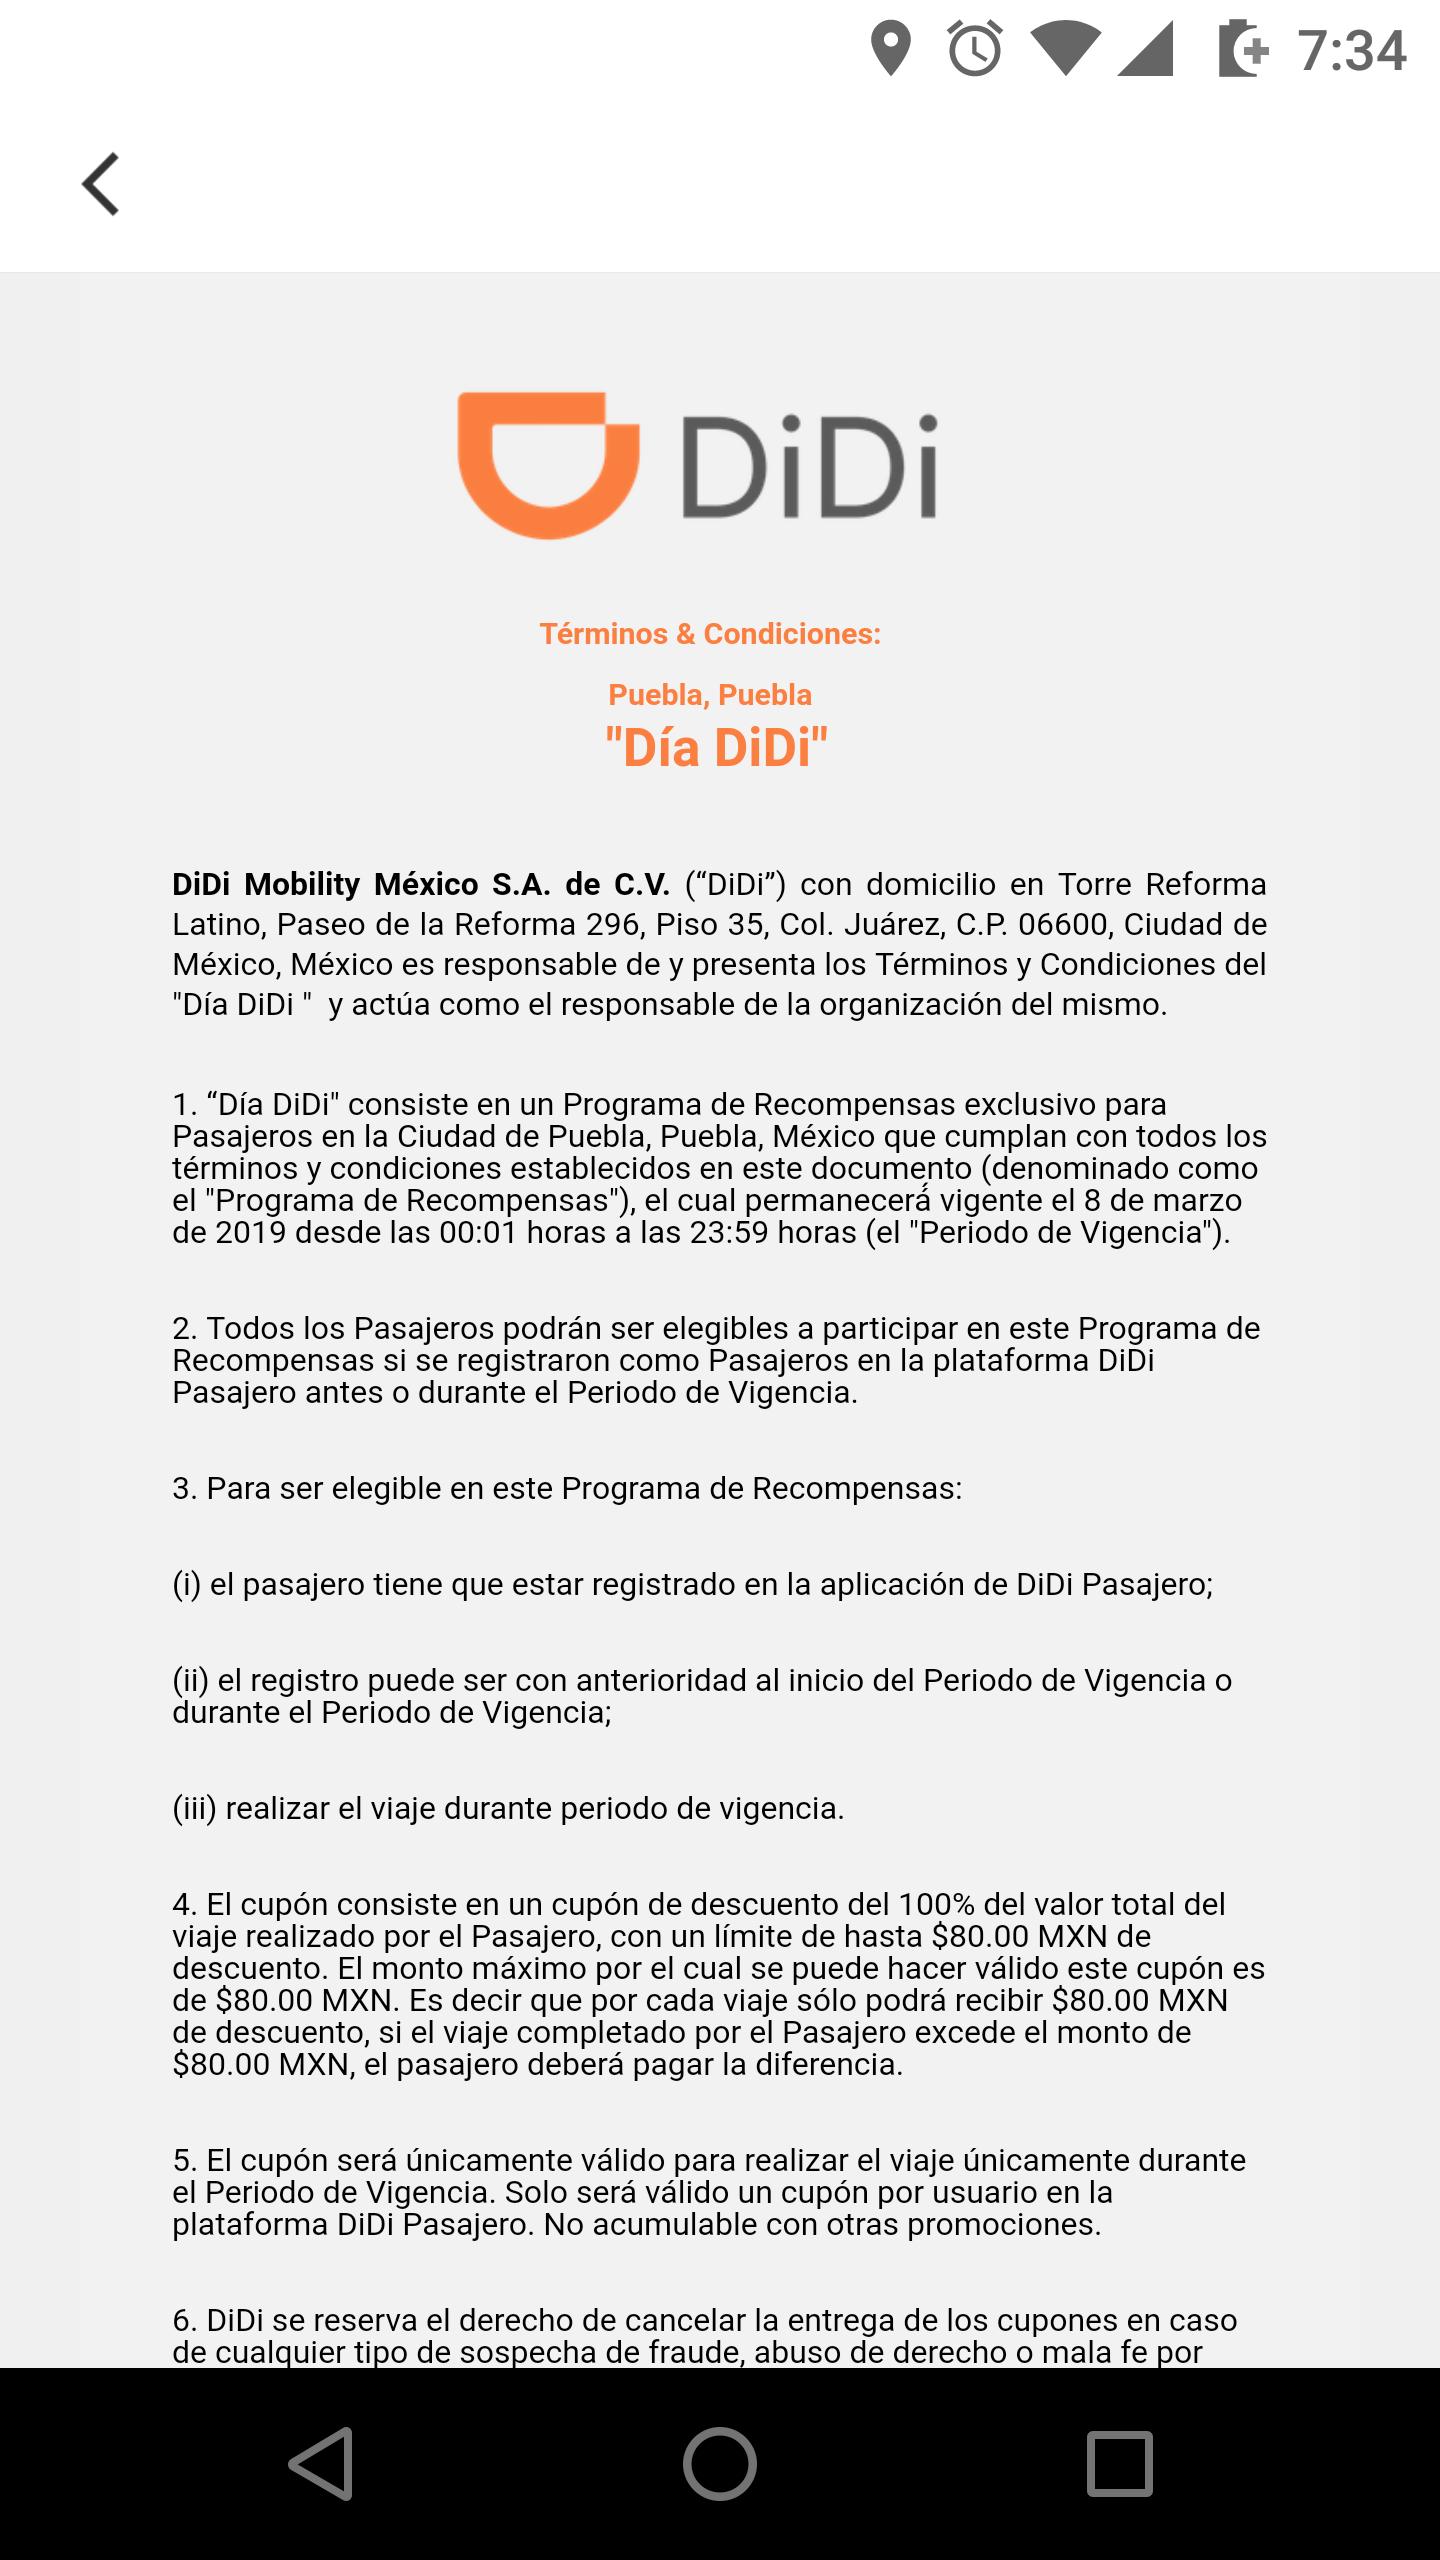 Didi Puebla: viaje gratis hasta $80 (Todos los usuarios en Puebla)